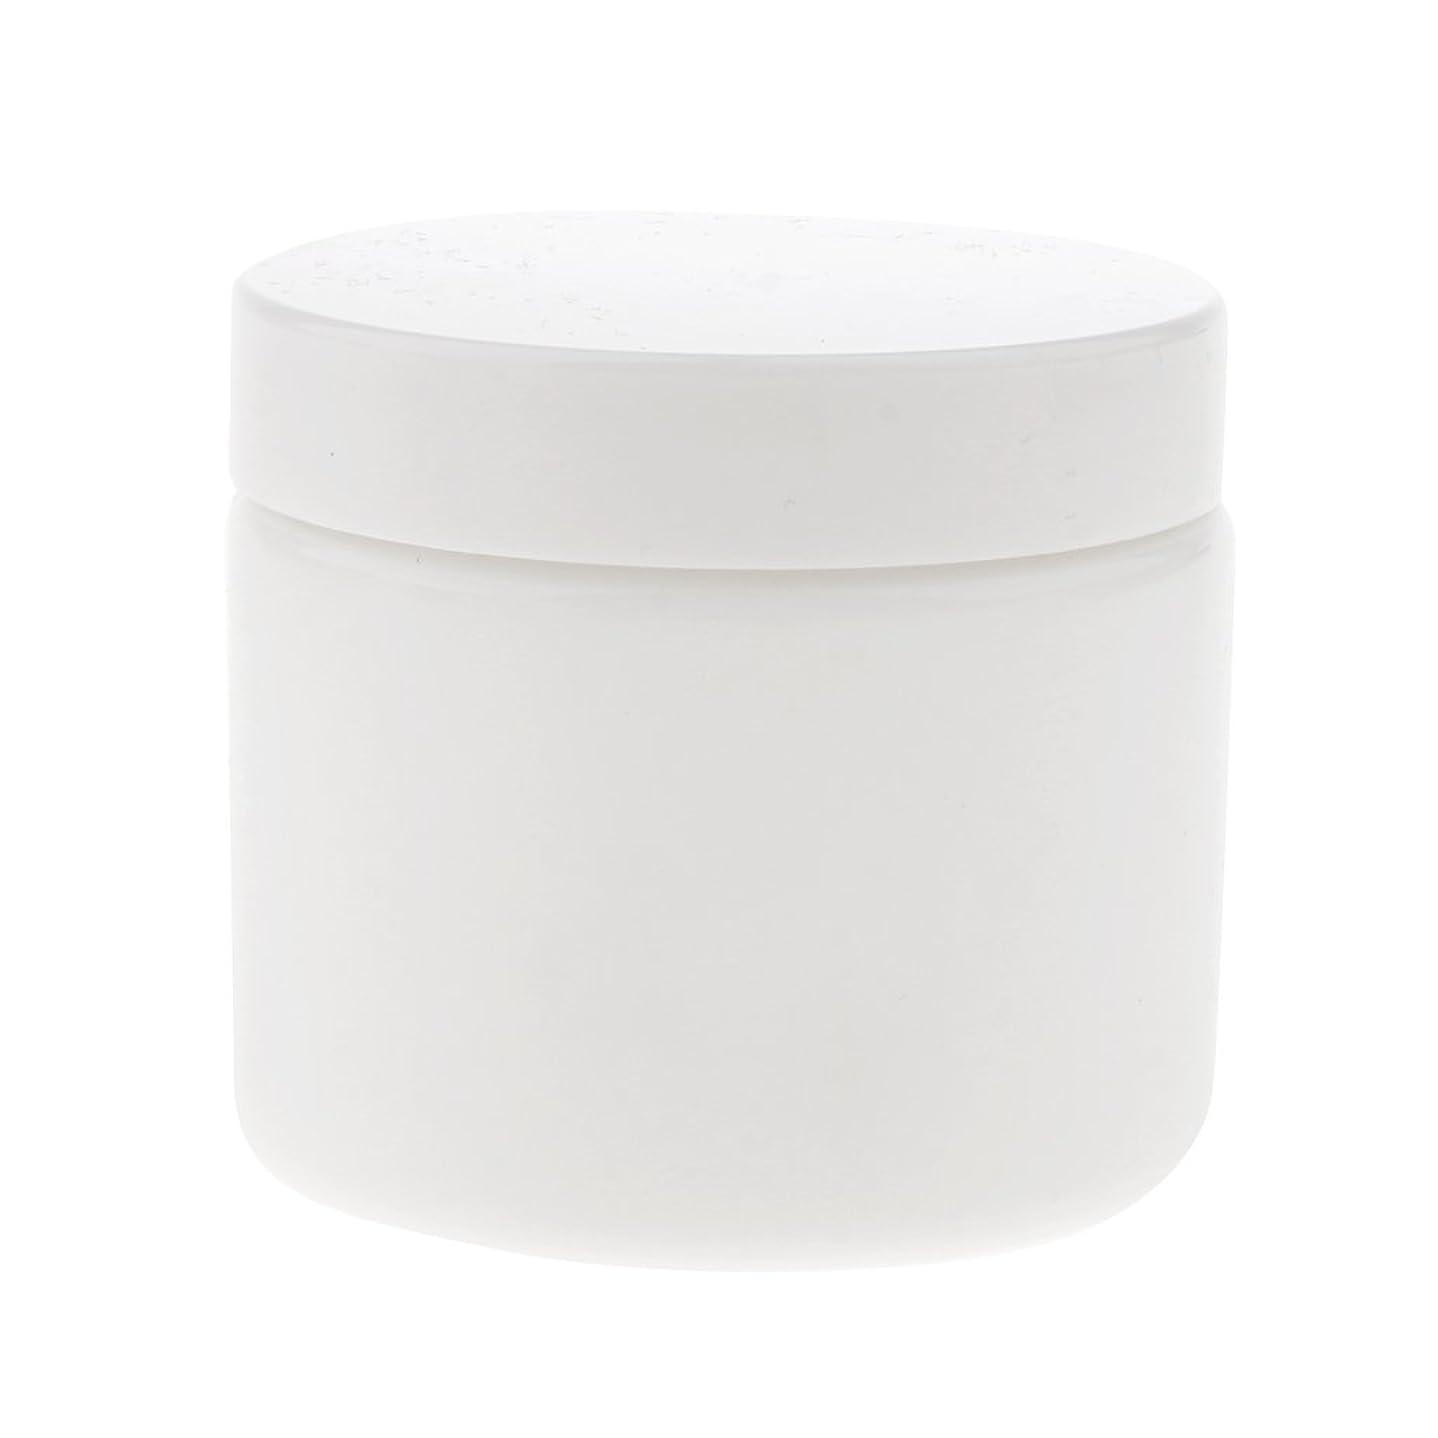 熟達した湿気の多いパイントBaosity 化粧ポット コスメ クリーム ジャー 詰替え用 小分け容器 出張 旅行 防水 全2サイズ - 100g